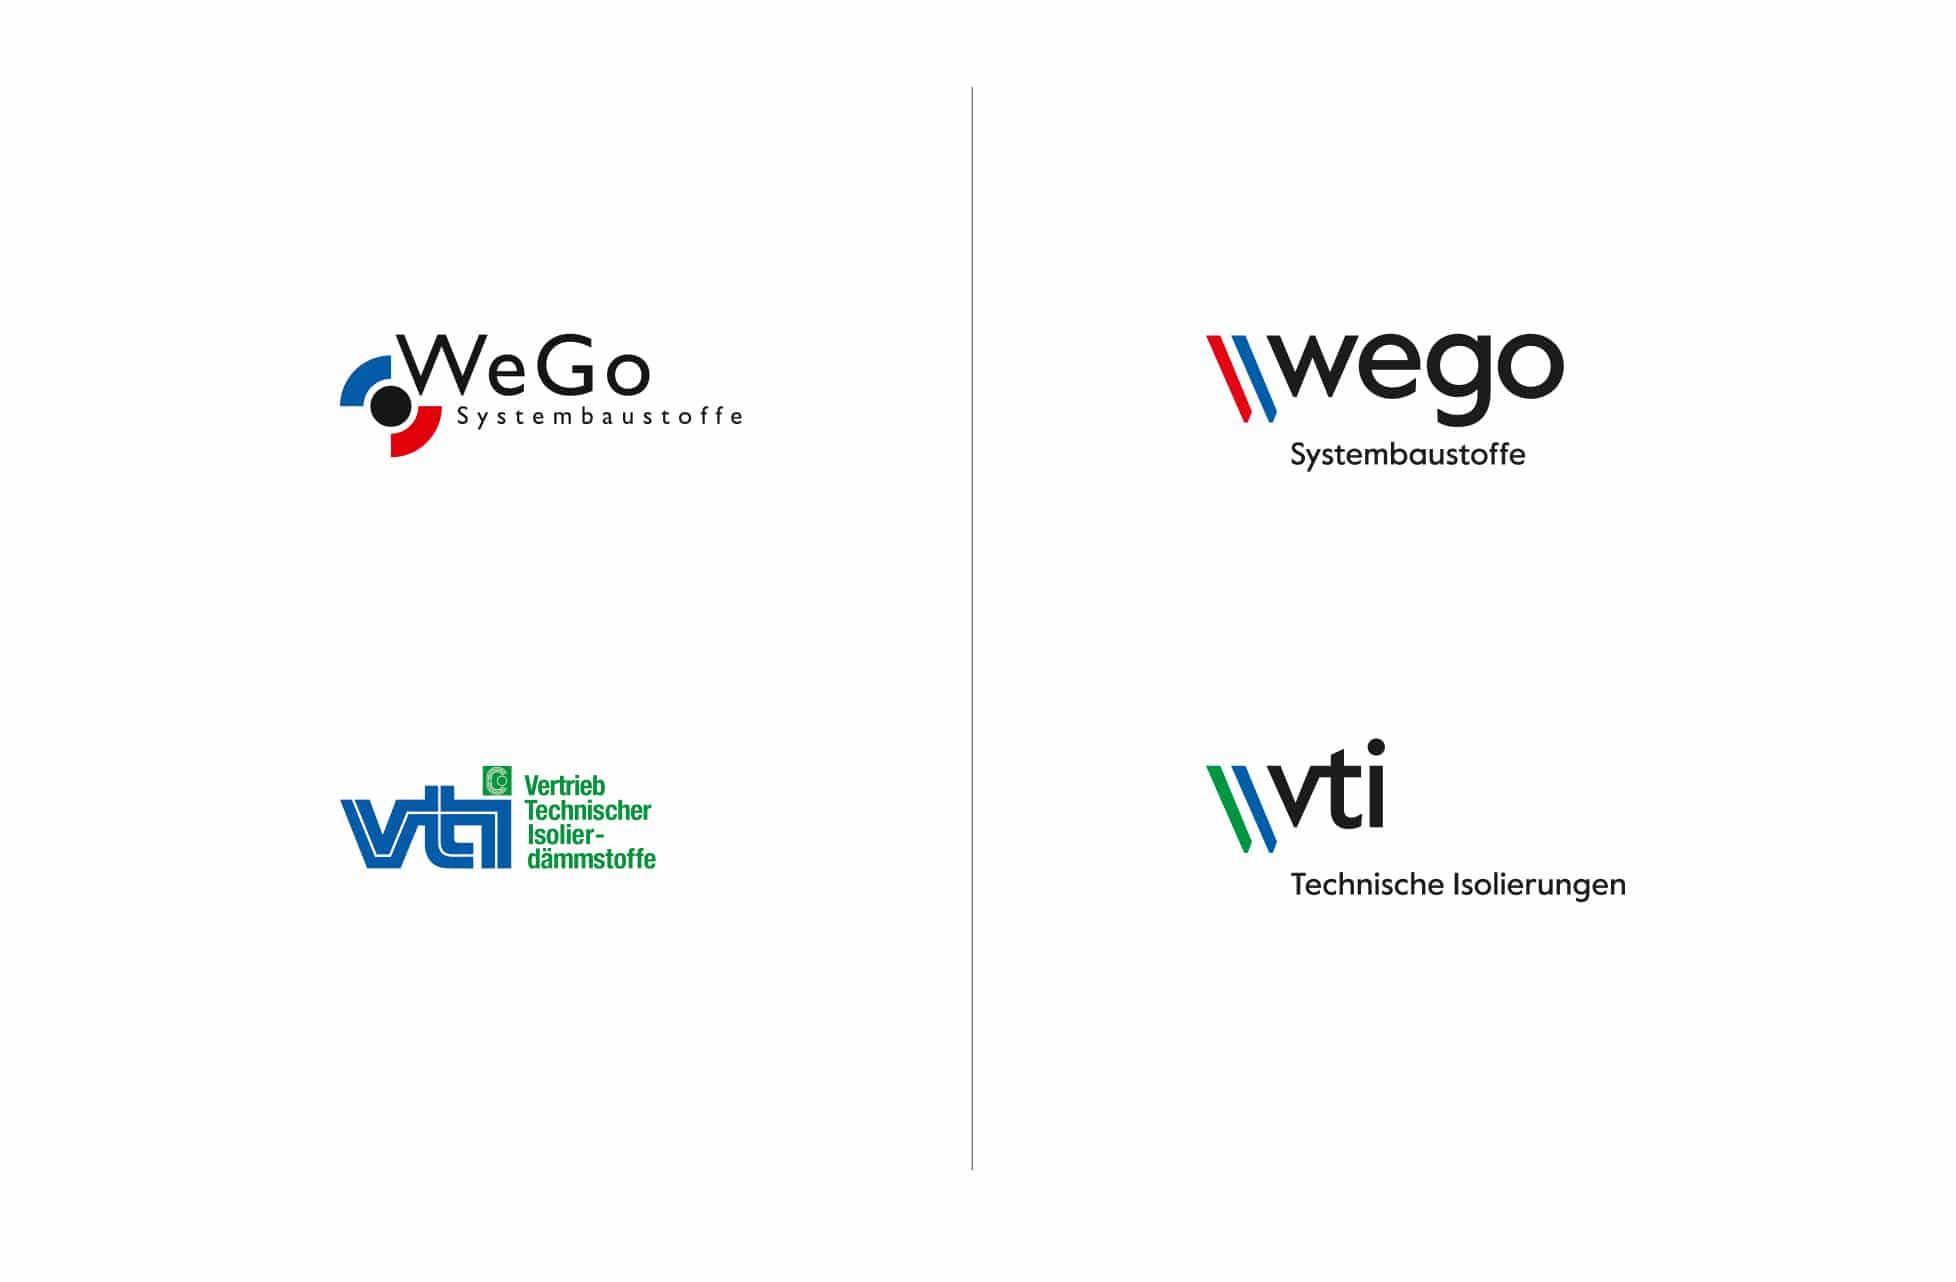 Markenidentität Bild 1 btb-Wego Logos.jpg